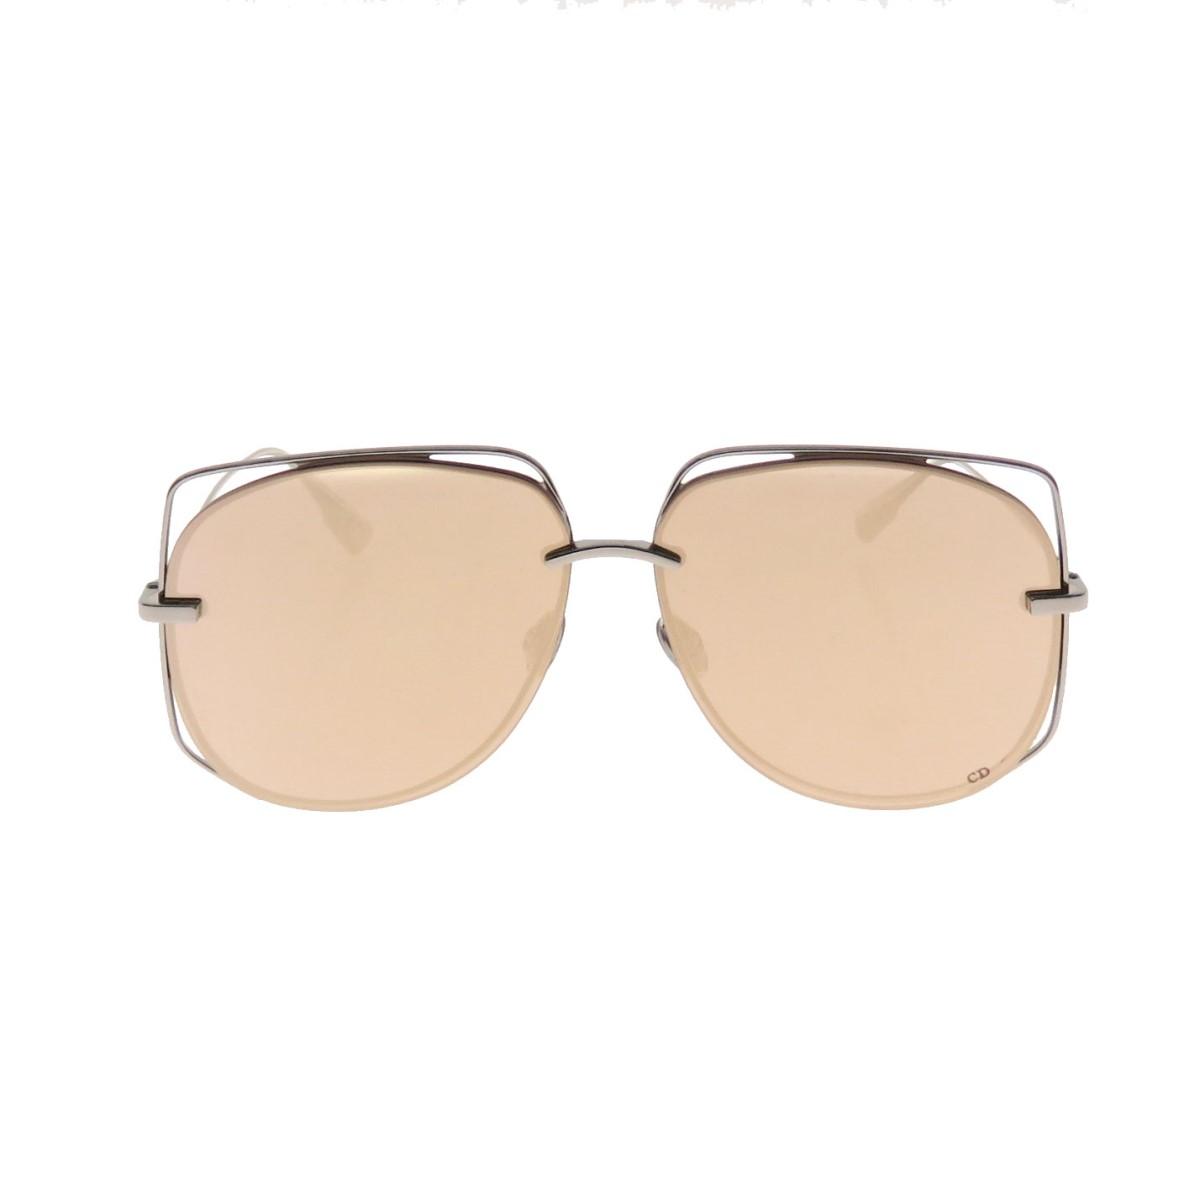 クリスチャンディオール 中古 Christian Dior STELLAIRE サングラス シルバー 期間限定送料無料 6 誕生日 お祝い 010521 サイズ:-